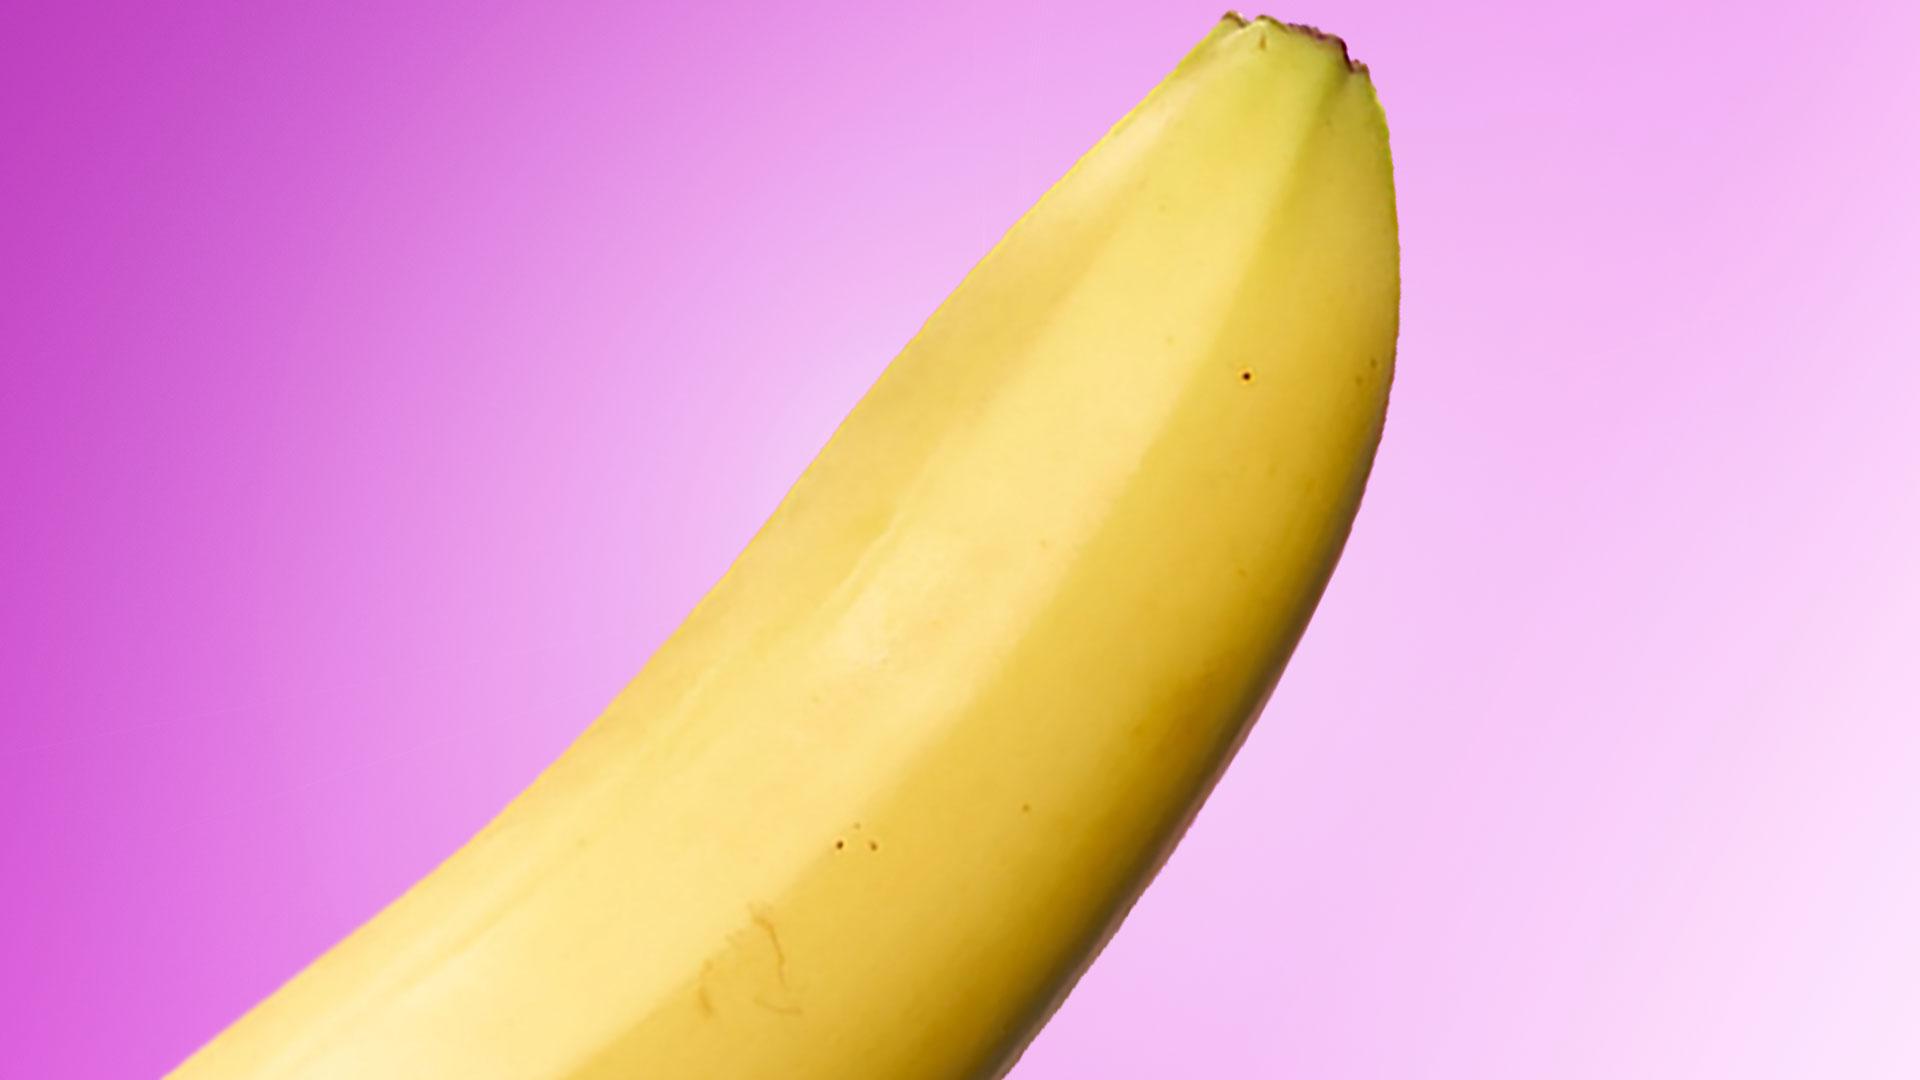 Strong gay bananas